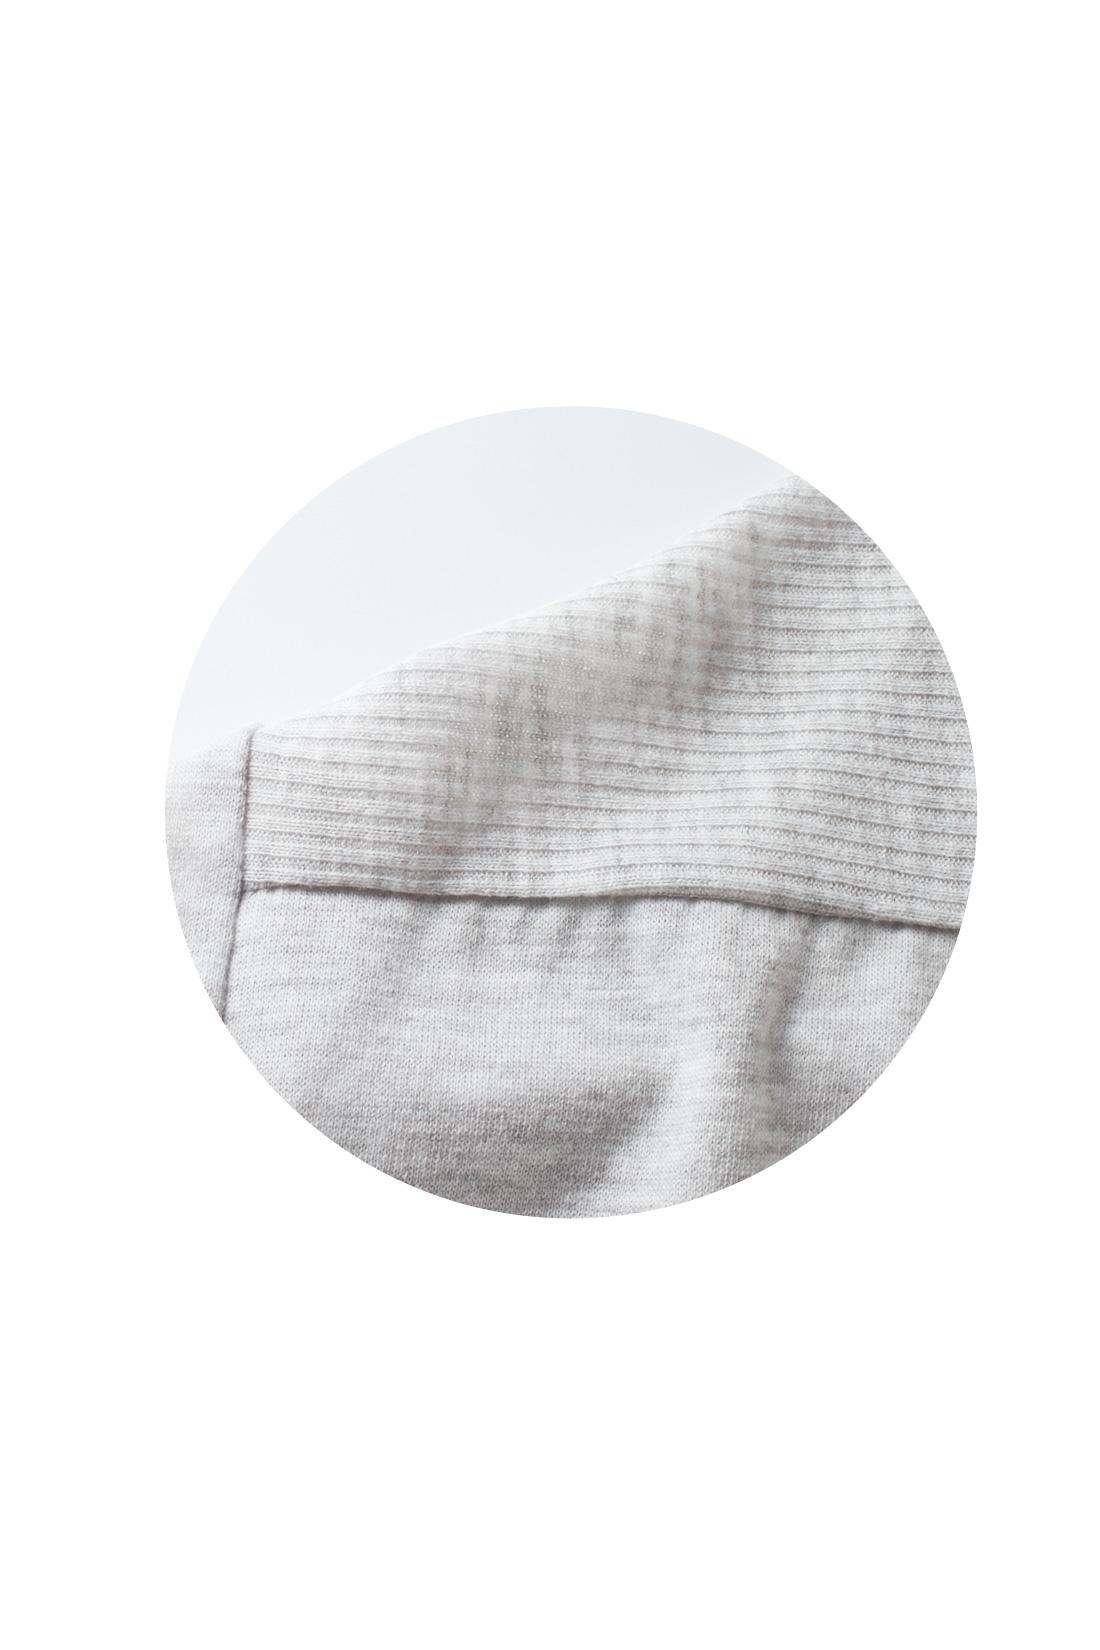 ネックまわりと袖口はリブの切り替えでキリリと引き締めて。